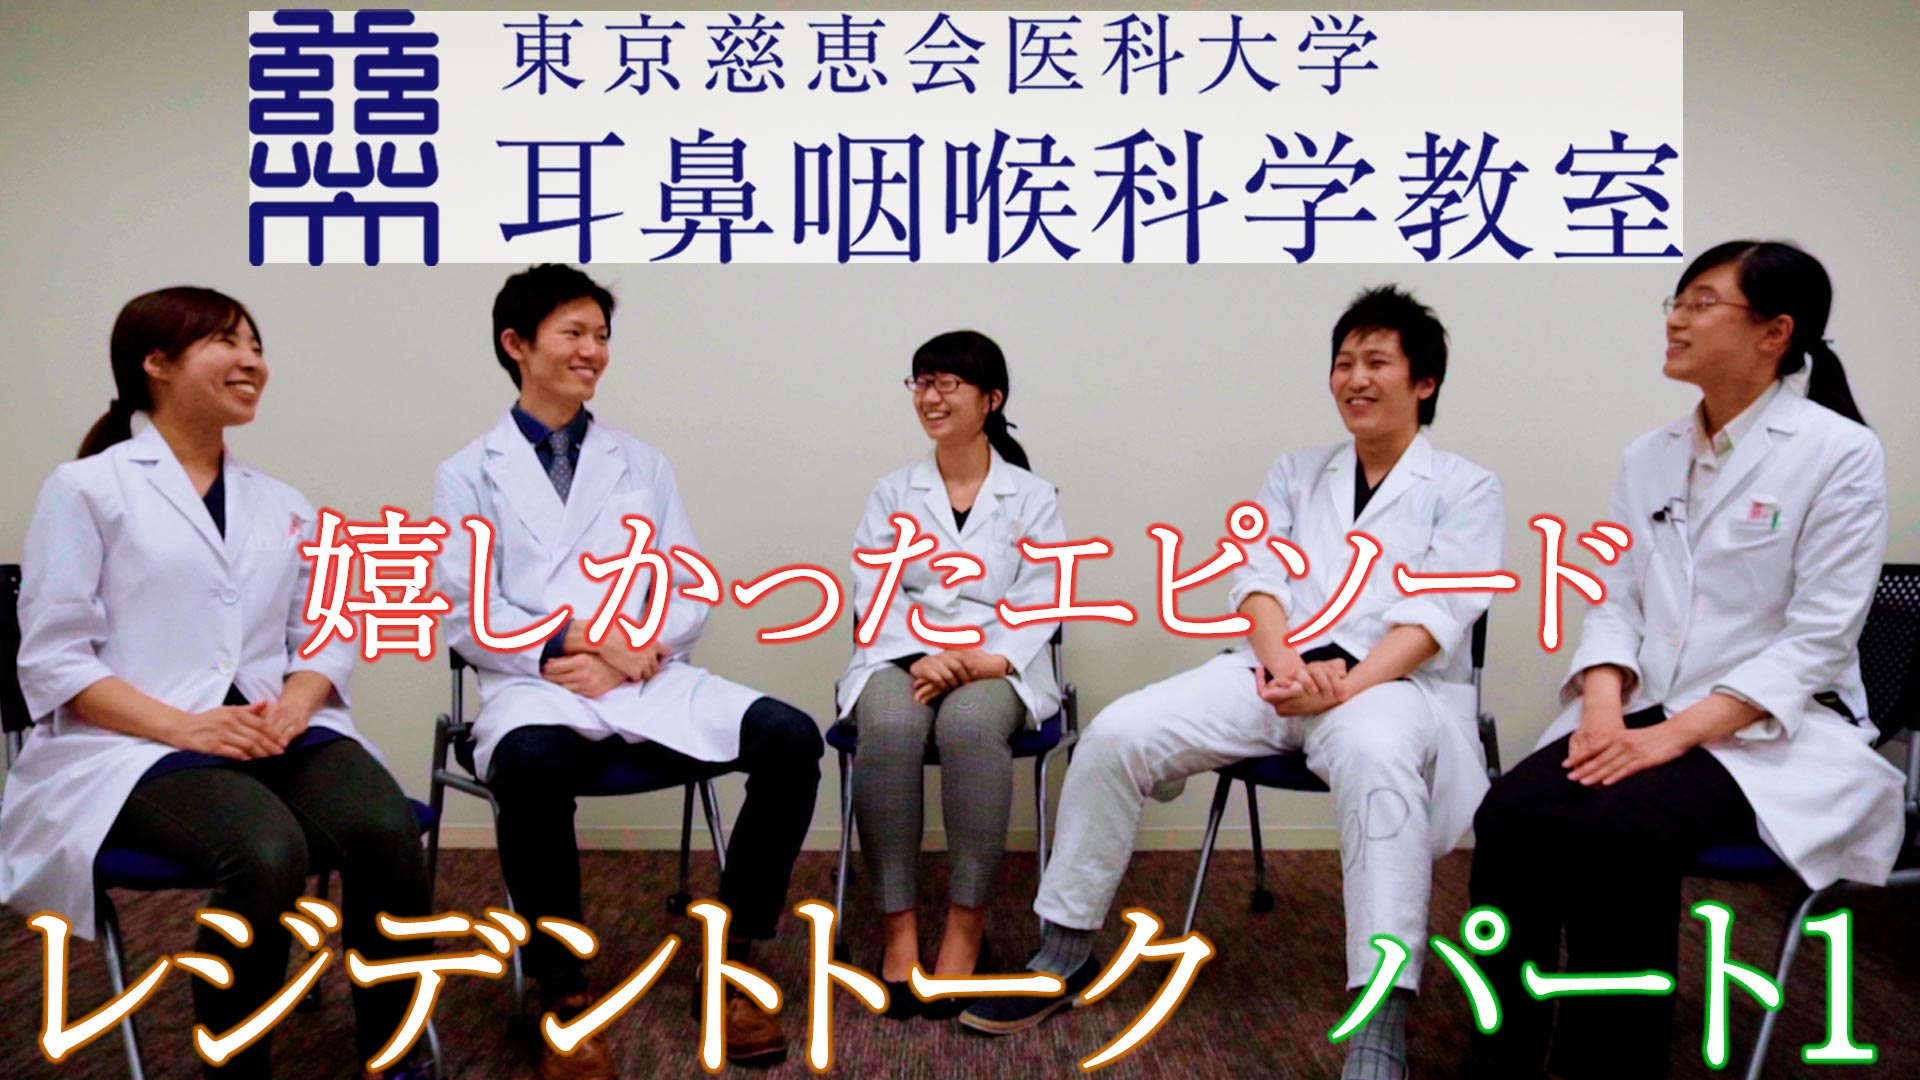 グループインタビュー01